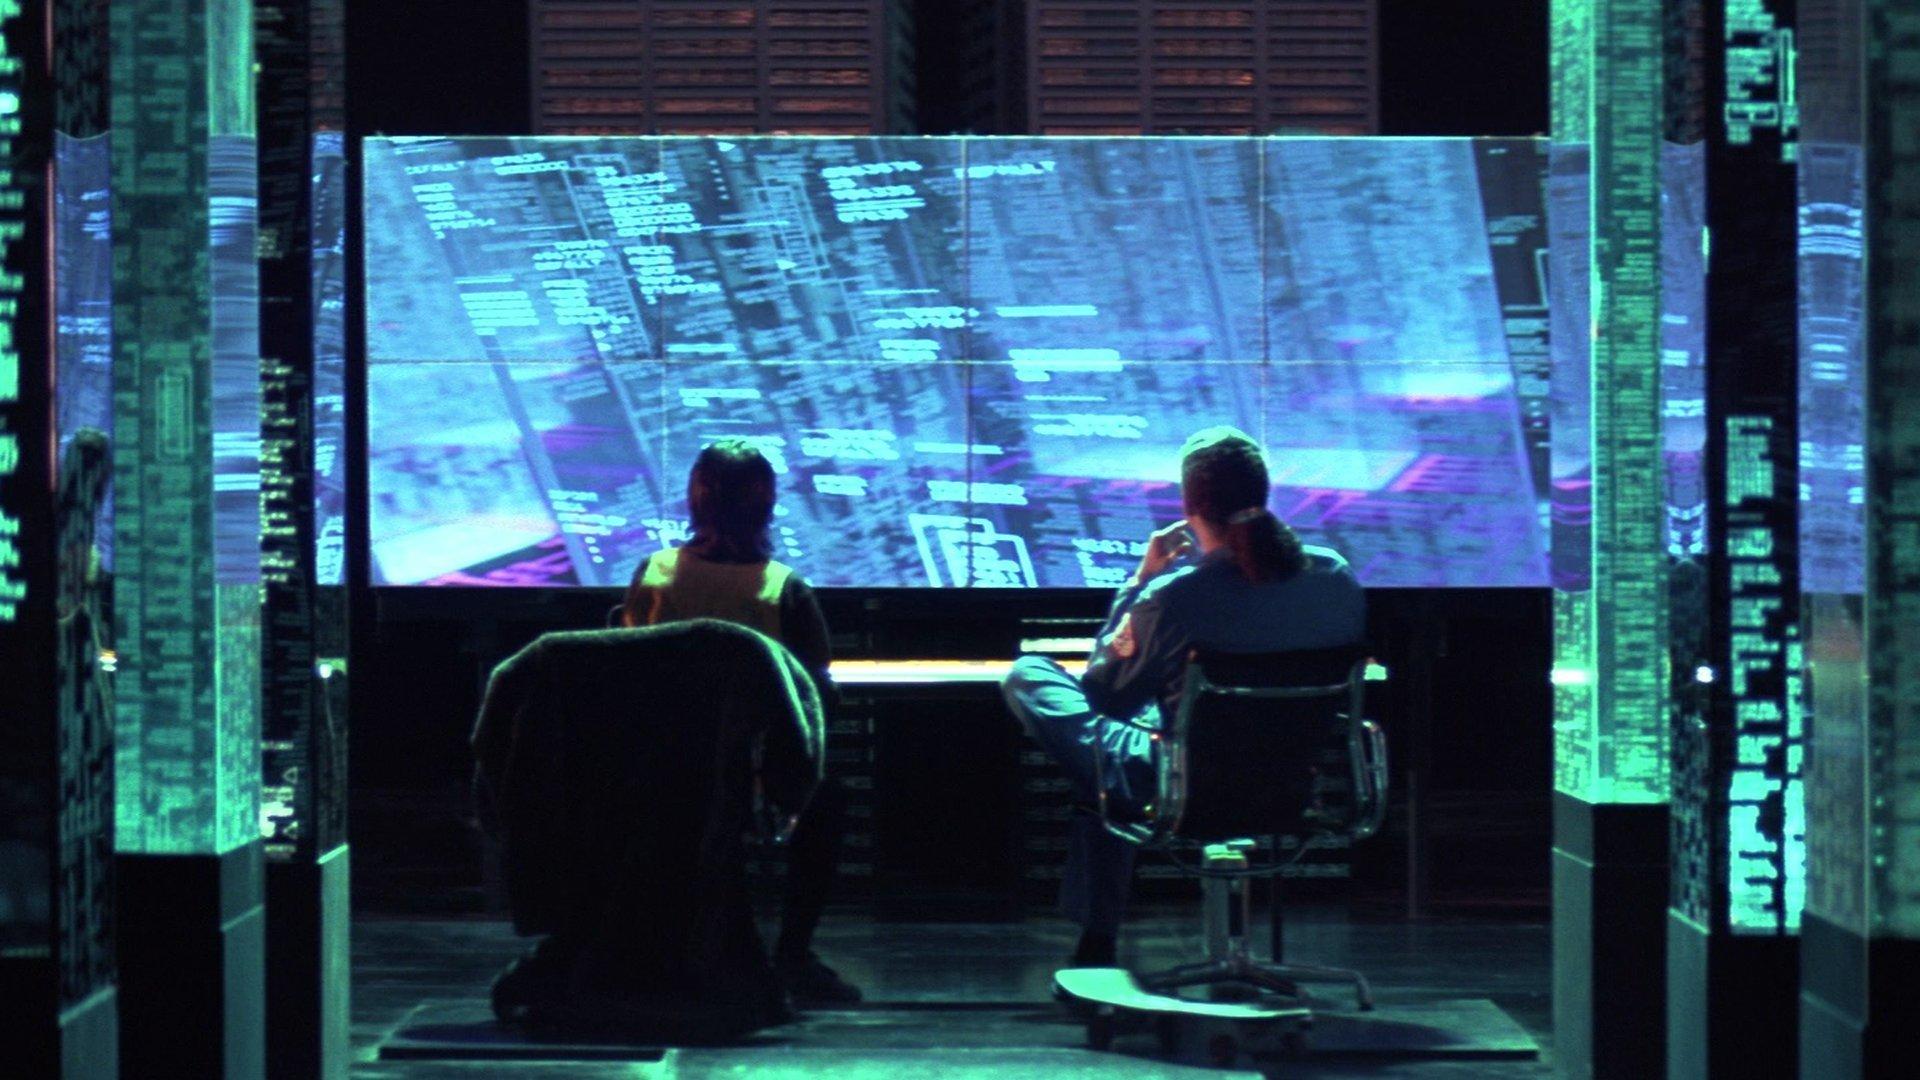 Хакеры смотреть фото